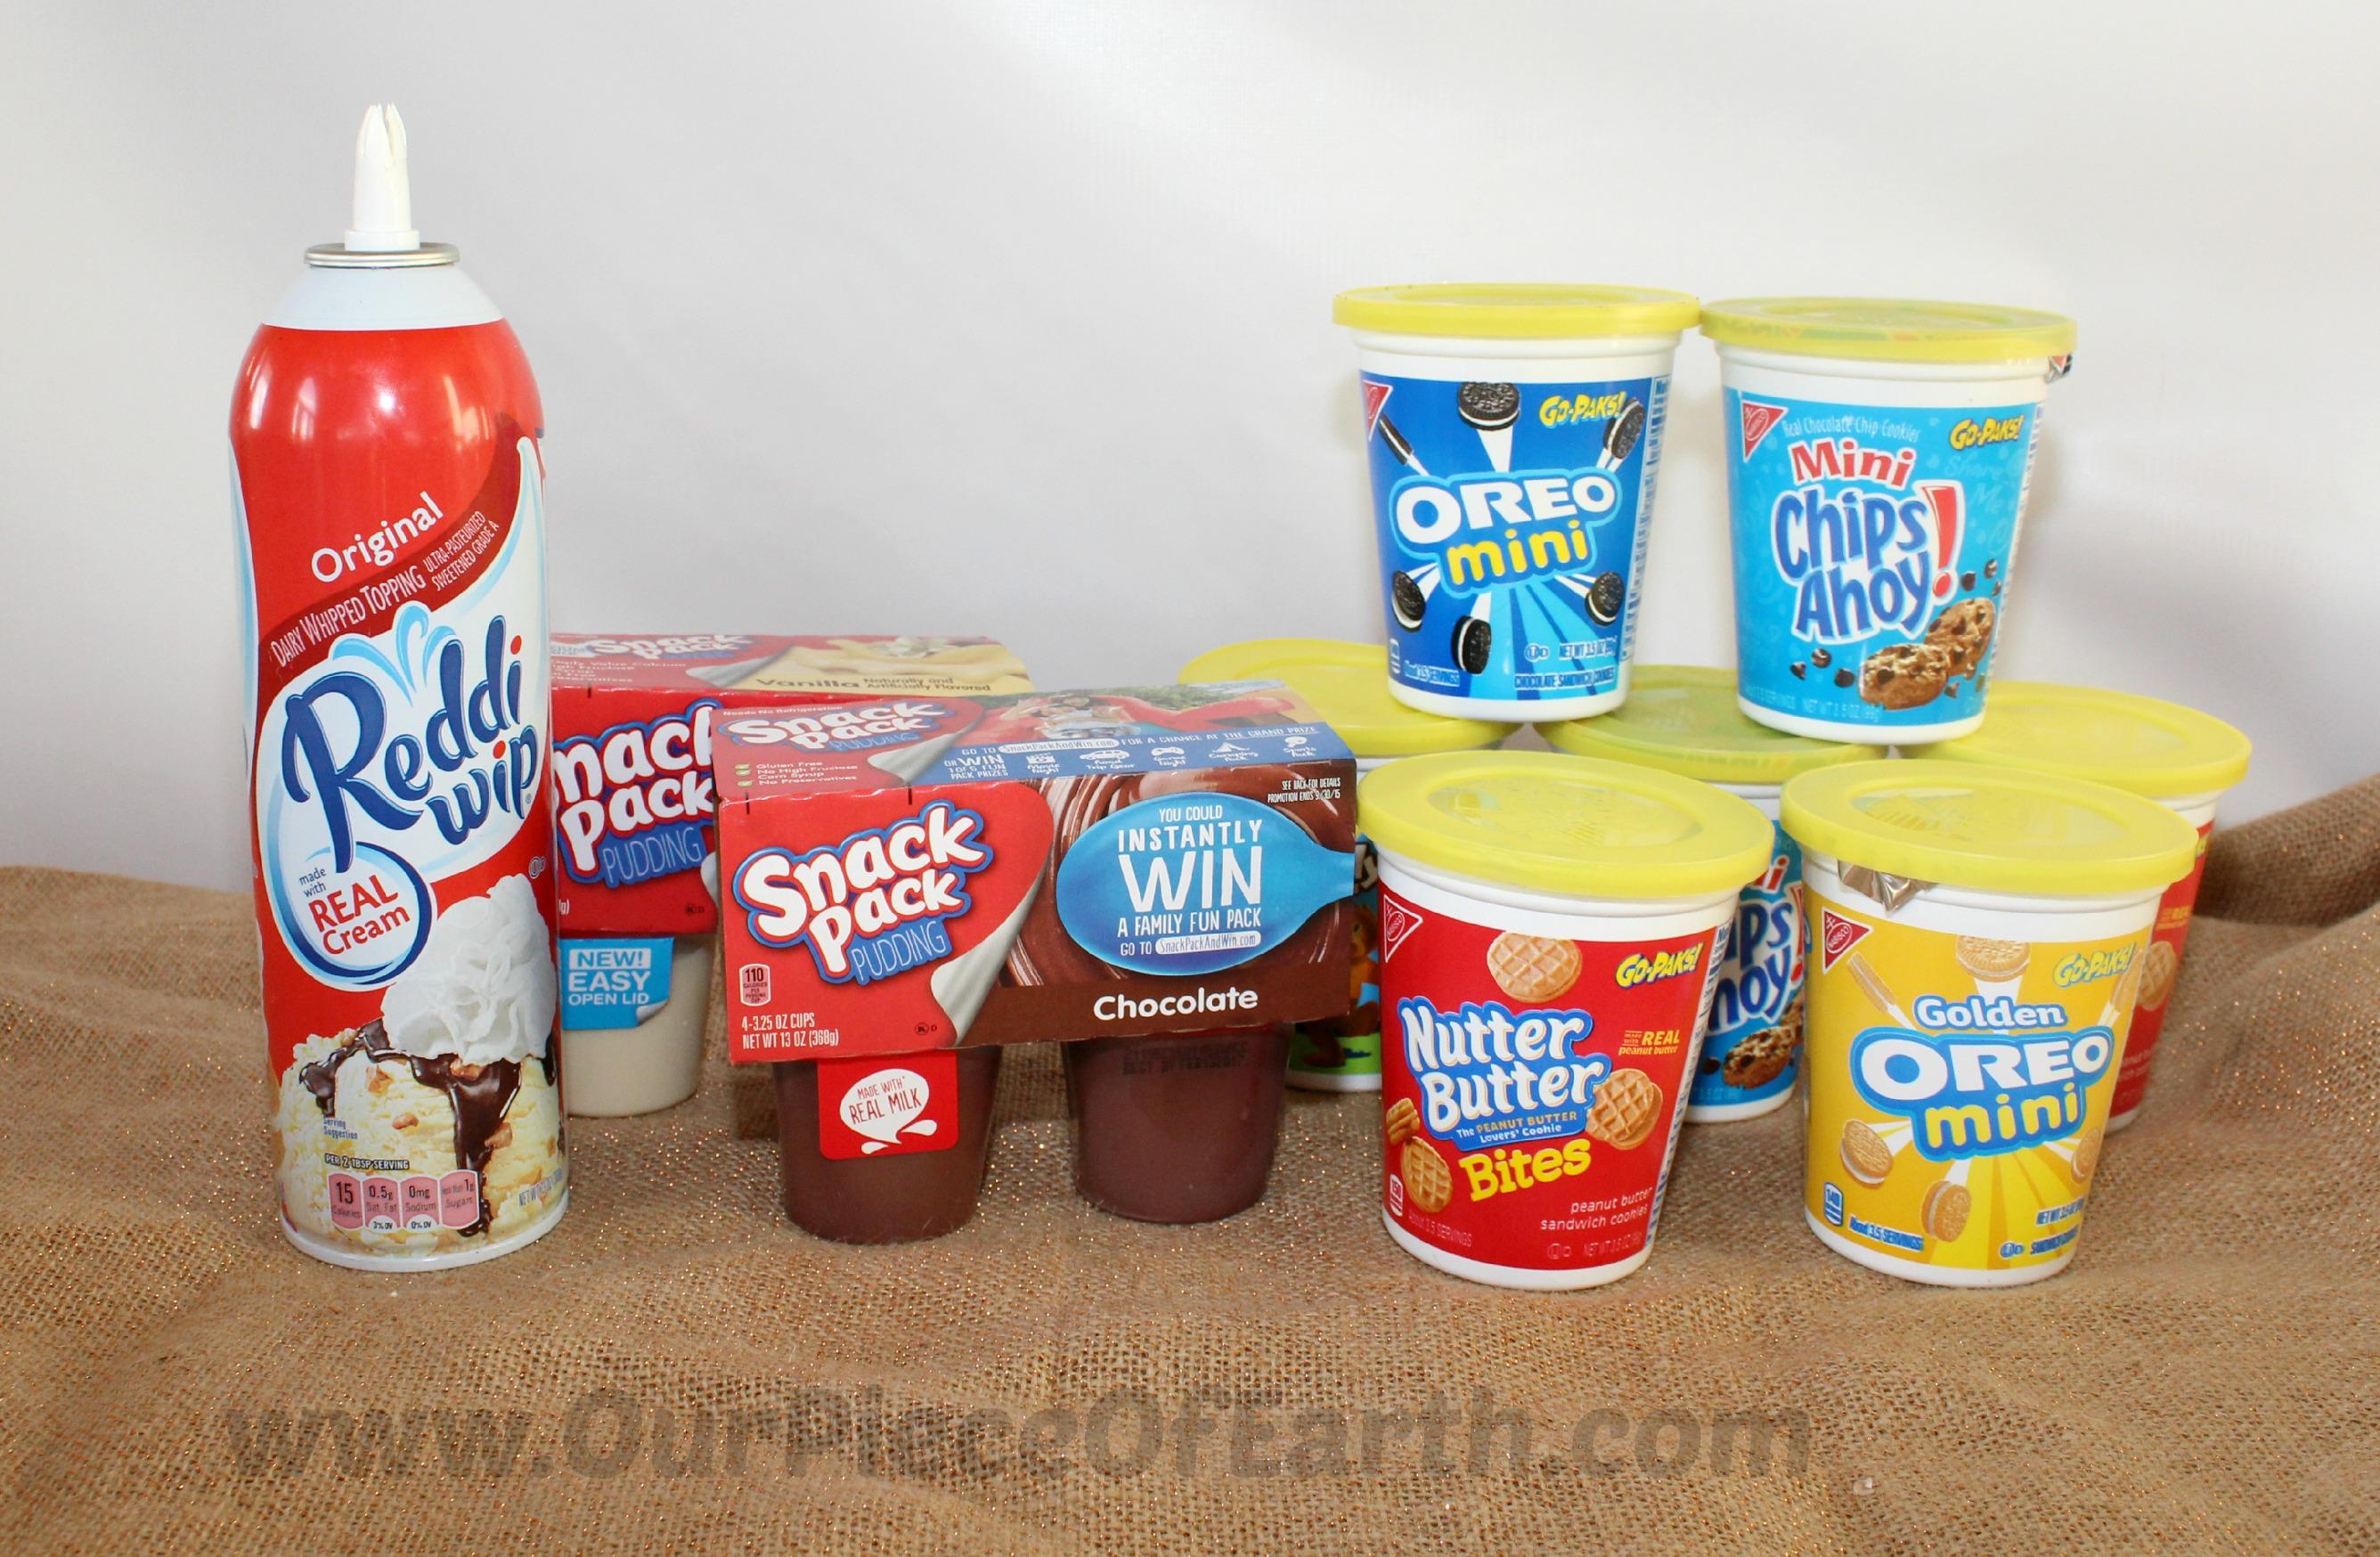 Snack Packs, Go-Paks and Reddi-Wip